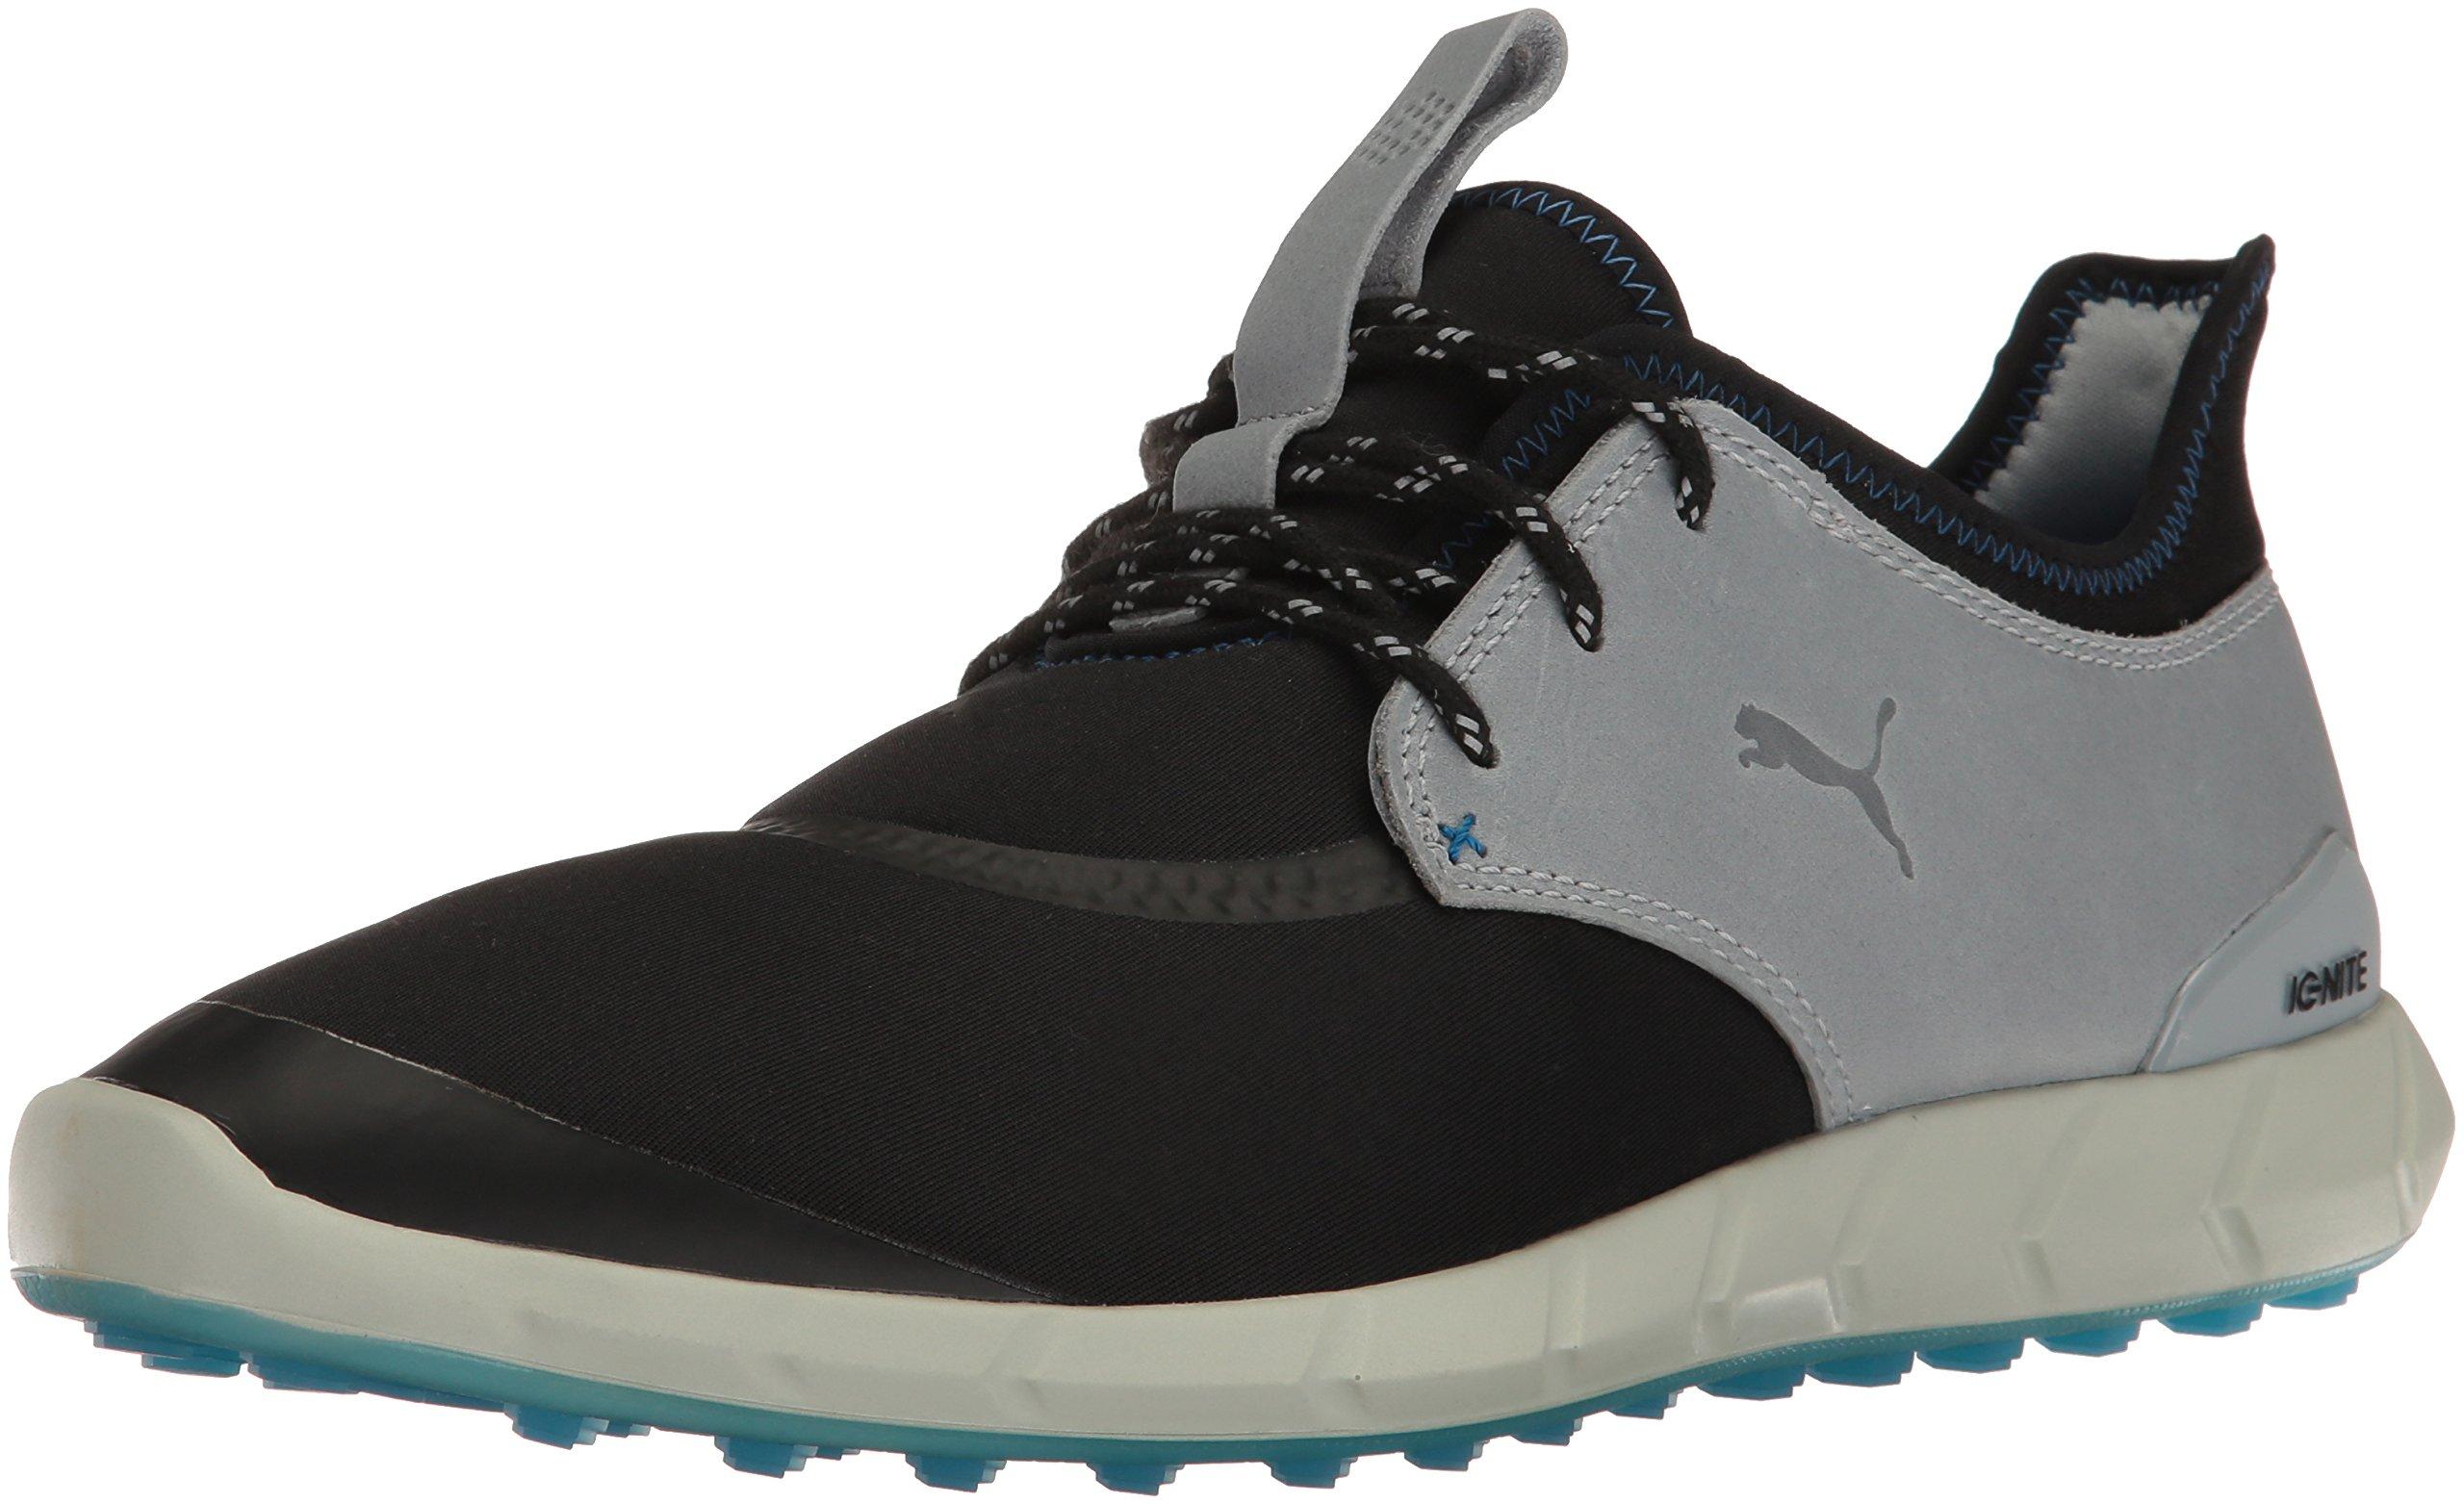 PUMA Men's Ignite Spikeless Sport Golf Shoe, Black-Quarry-French Blue, 9 Medium US by PUMA